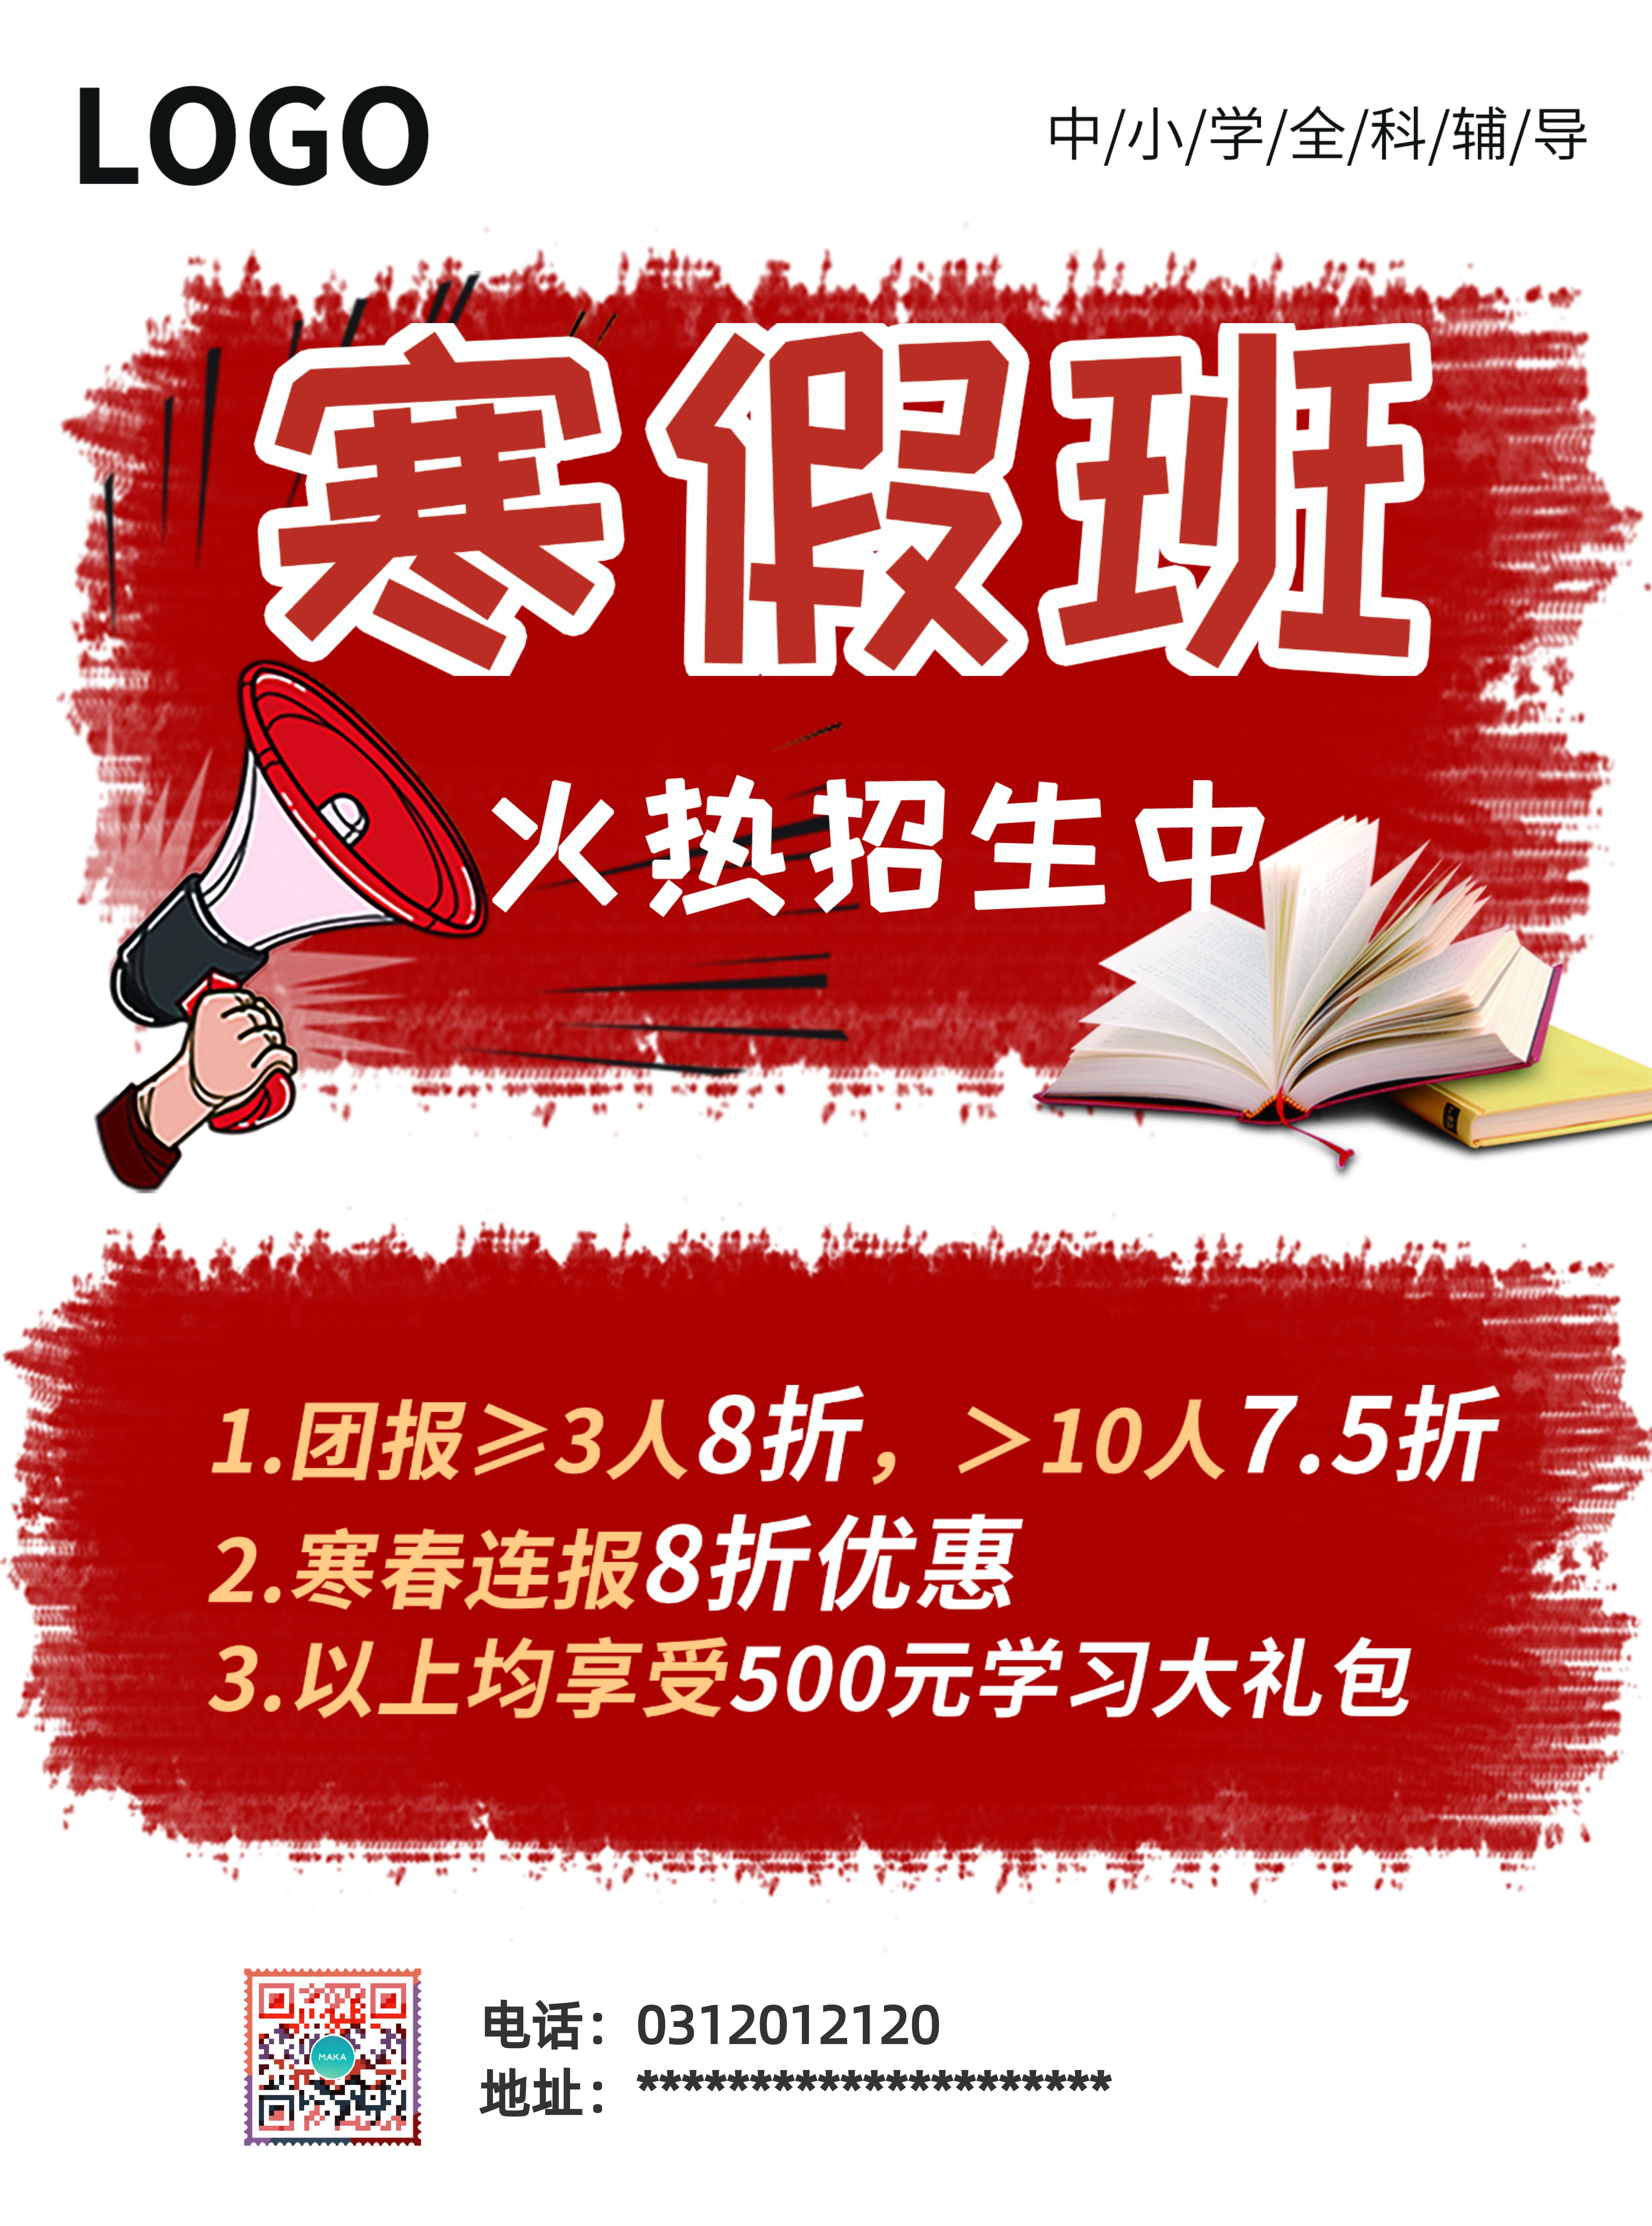 教育机构寒假班招生宣传单页